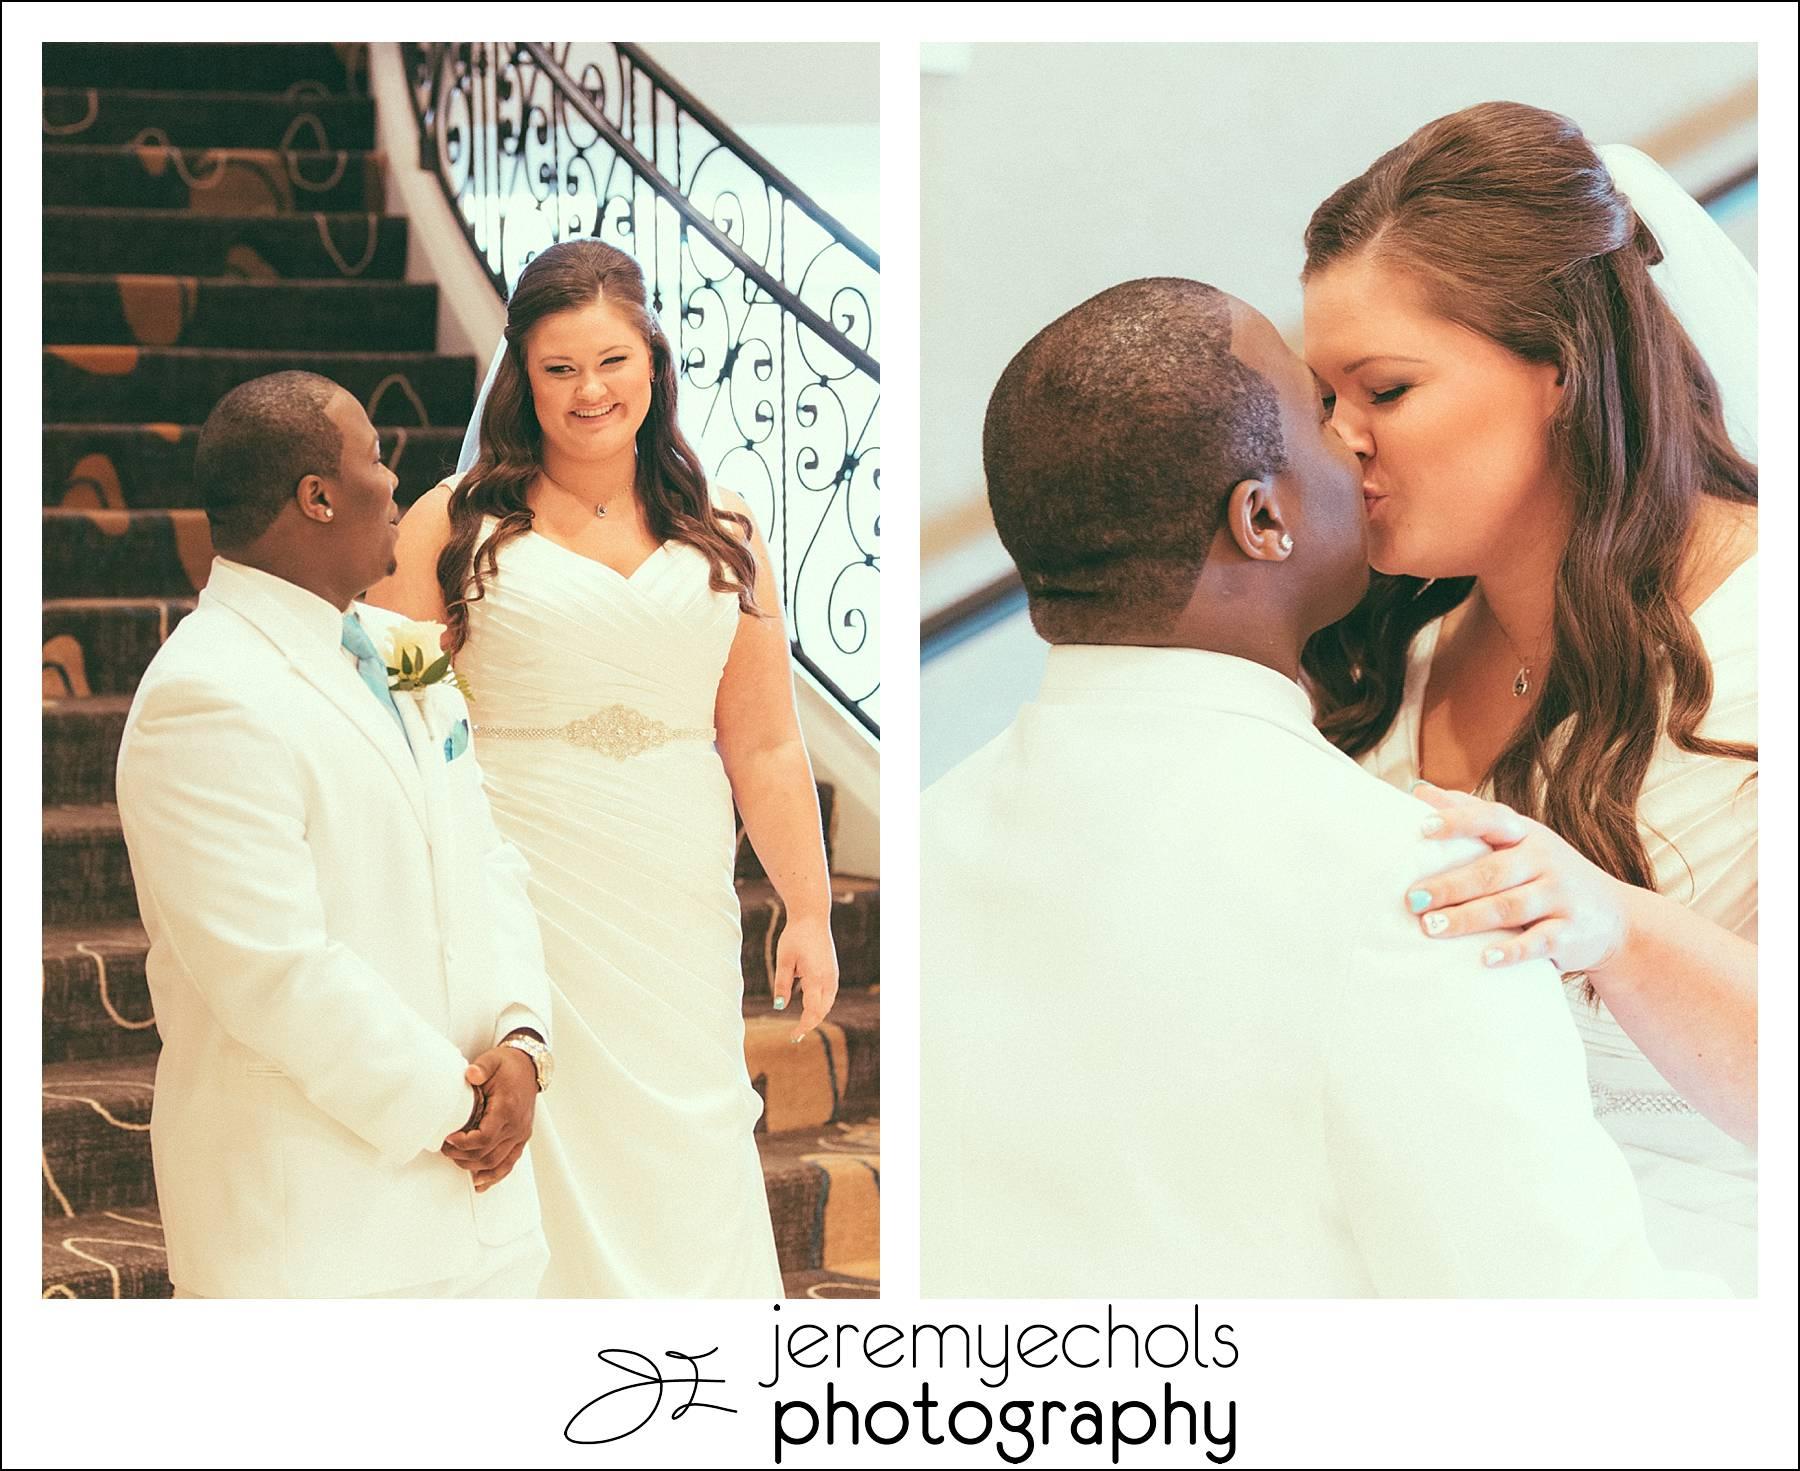 Marcus-Chelsea-Tacoma-Wedding-Photography-284_WEB.jpg